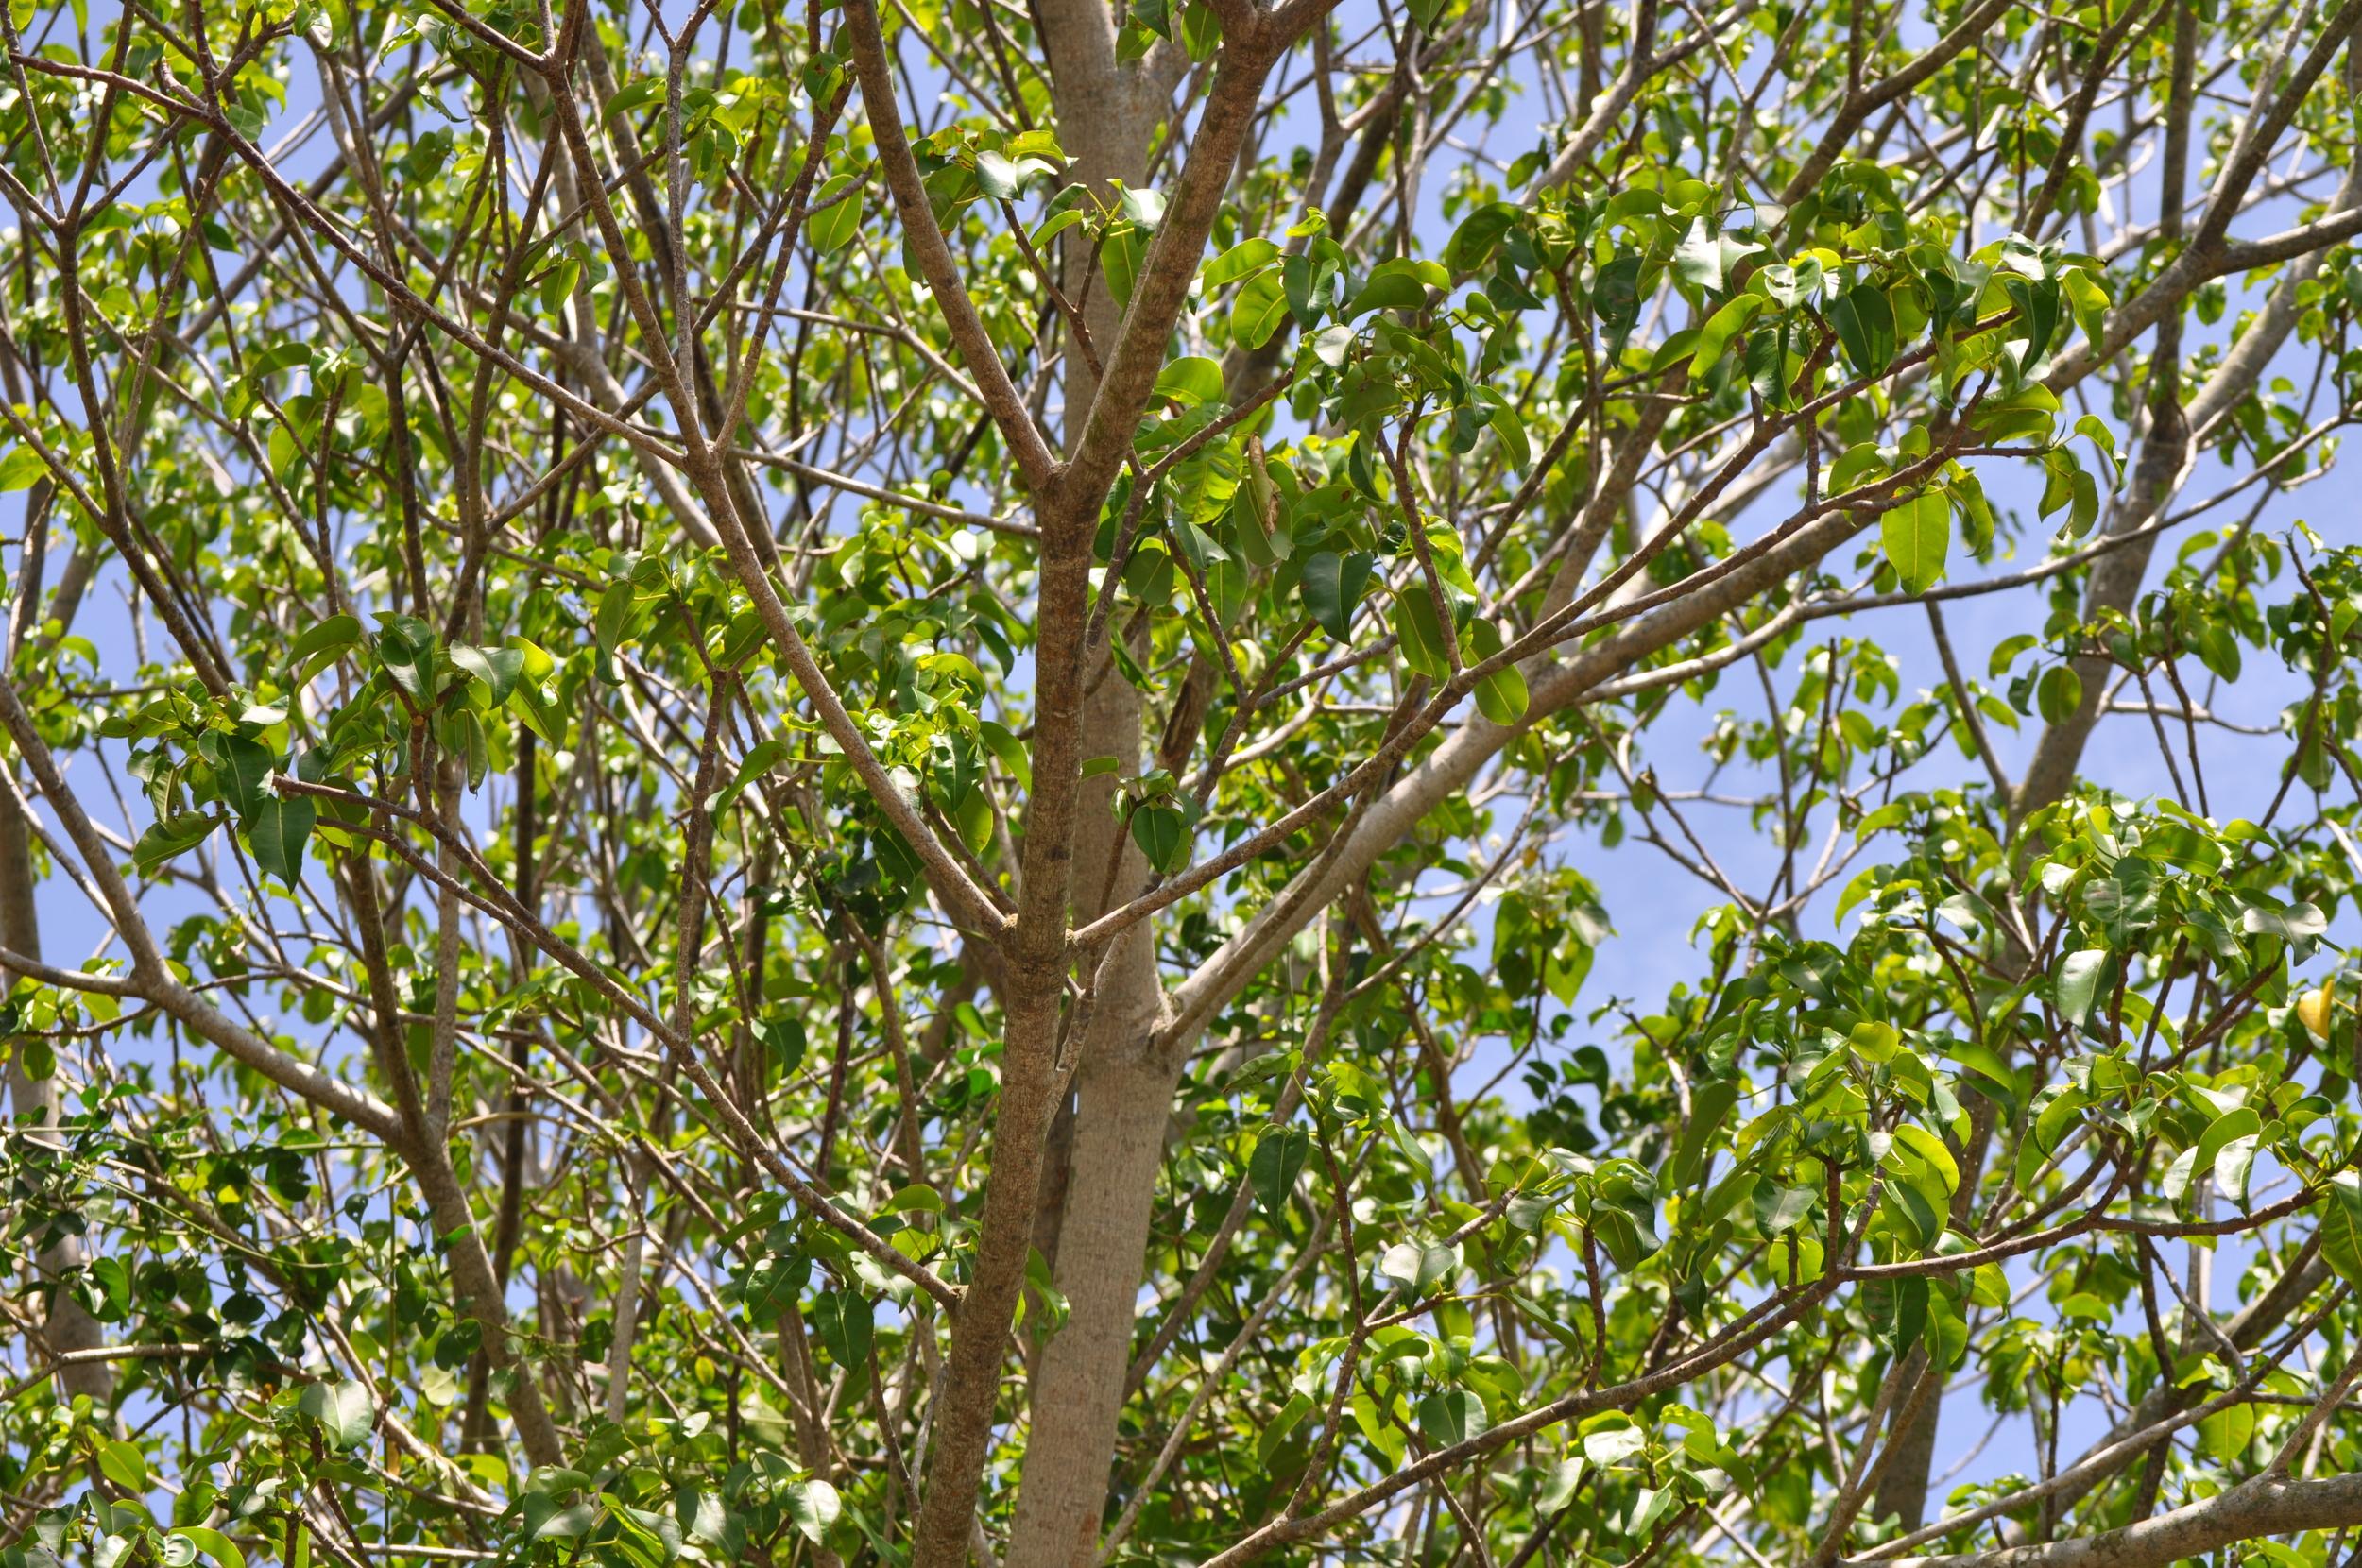 Otra razón más por la que se debe visitar el lugar con un intérprete, hay que saber identificar el árbol de manzanilla y mantenerse alejado. Foto: Pamy Rojas